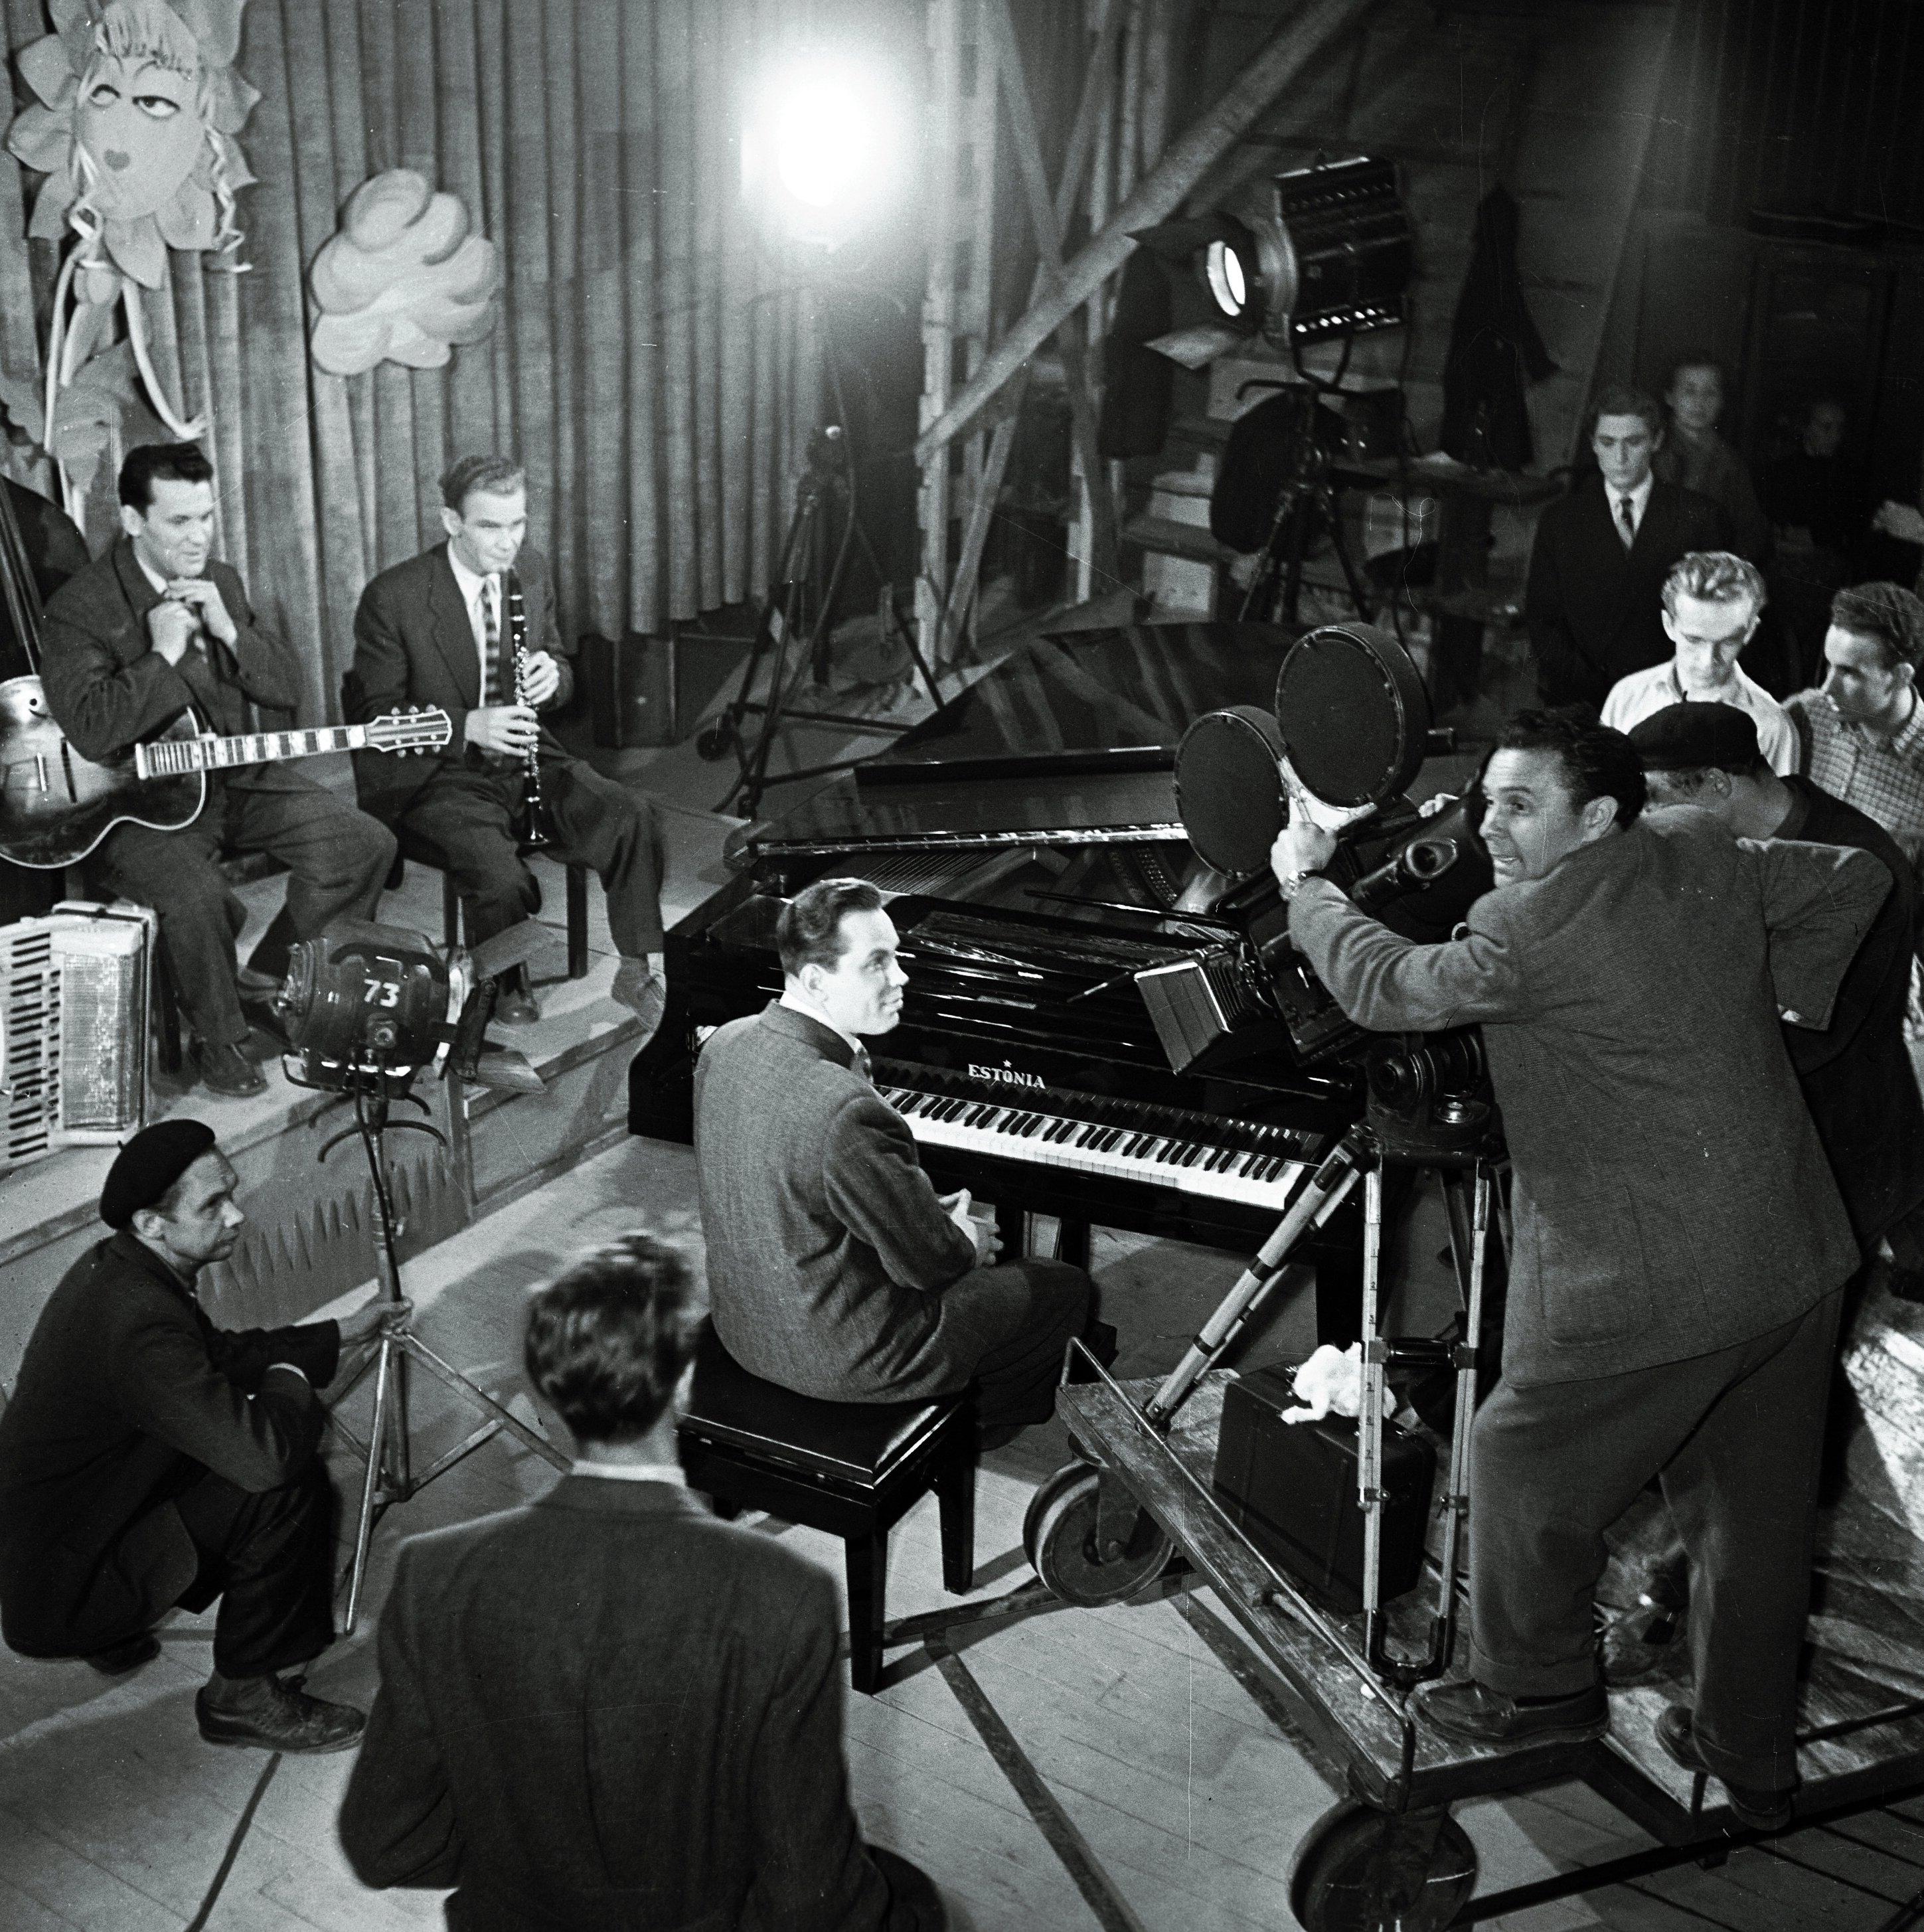 """EFA 0-62434. Mängufilmi """"Juunikuu päevad"""" filmimine, kaamera taga operaator Semjon Školnikov. Foto: Oti Vasemaa, 1957"""